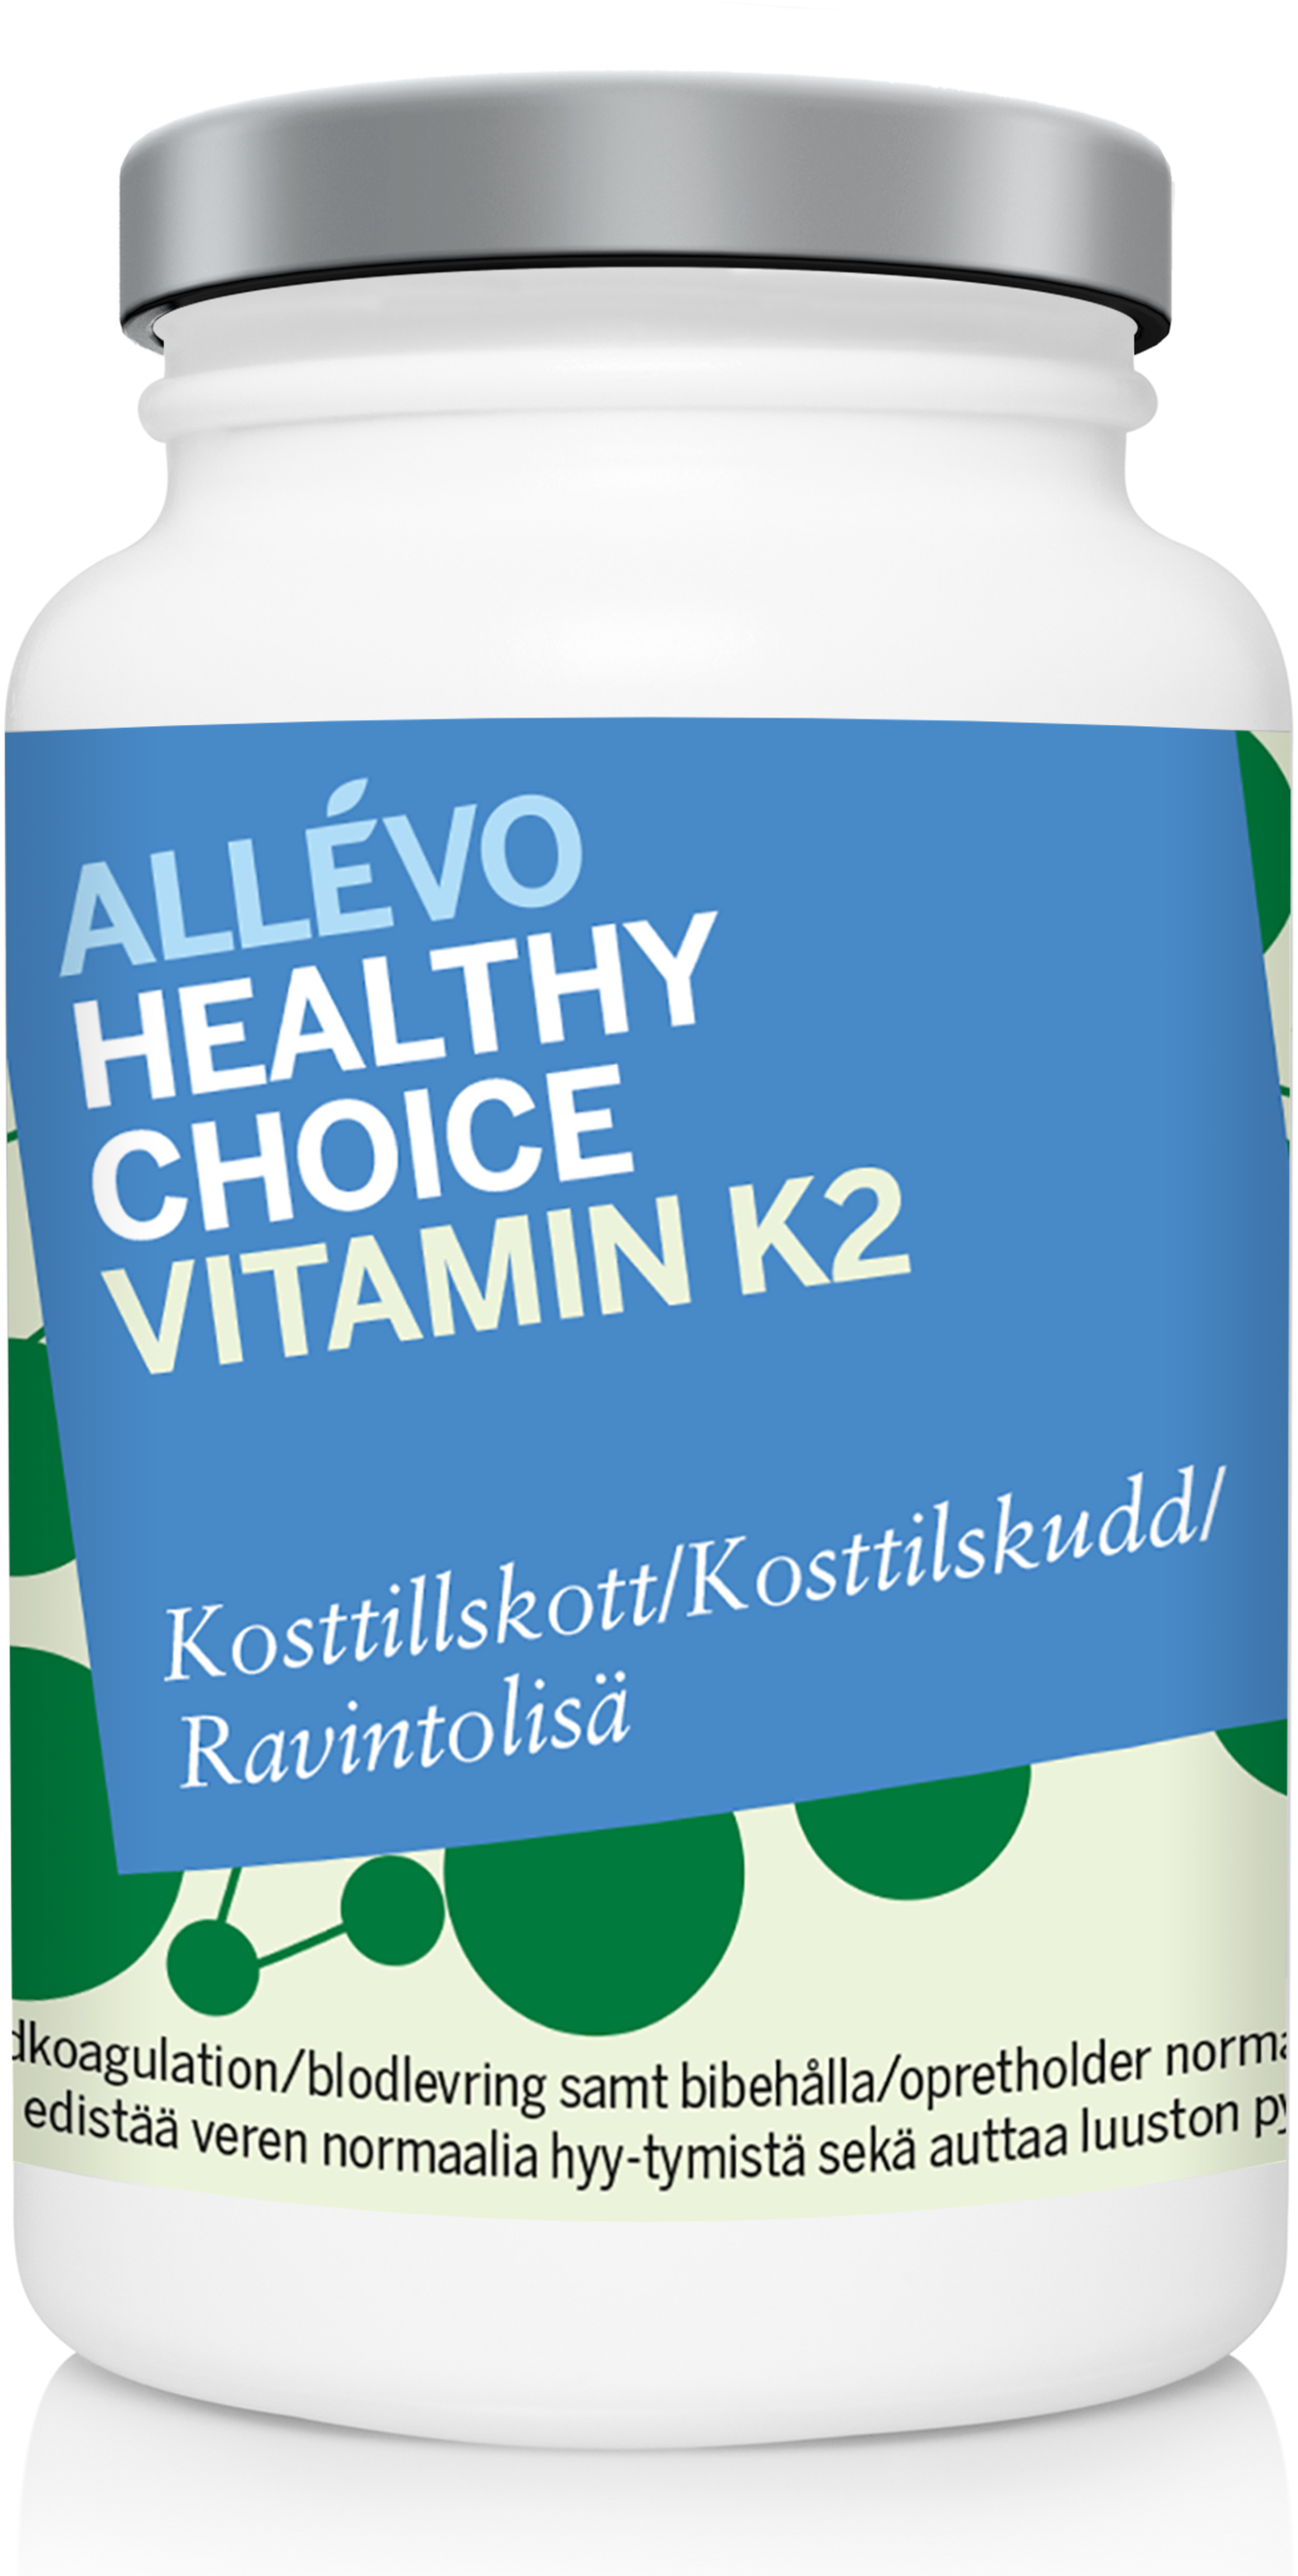 k2 vitamin apotek